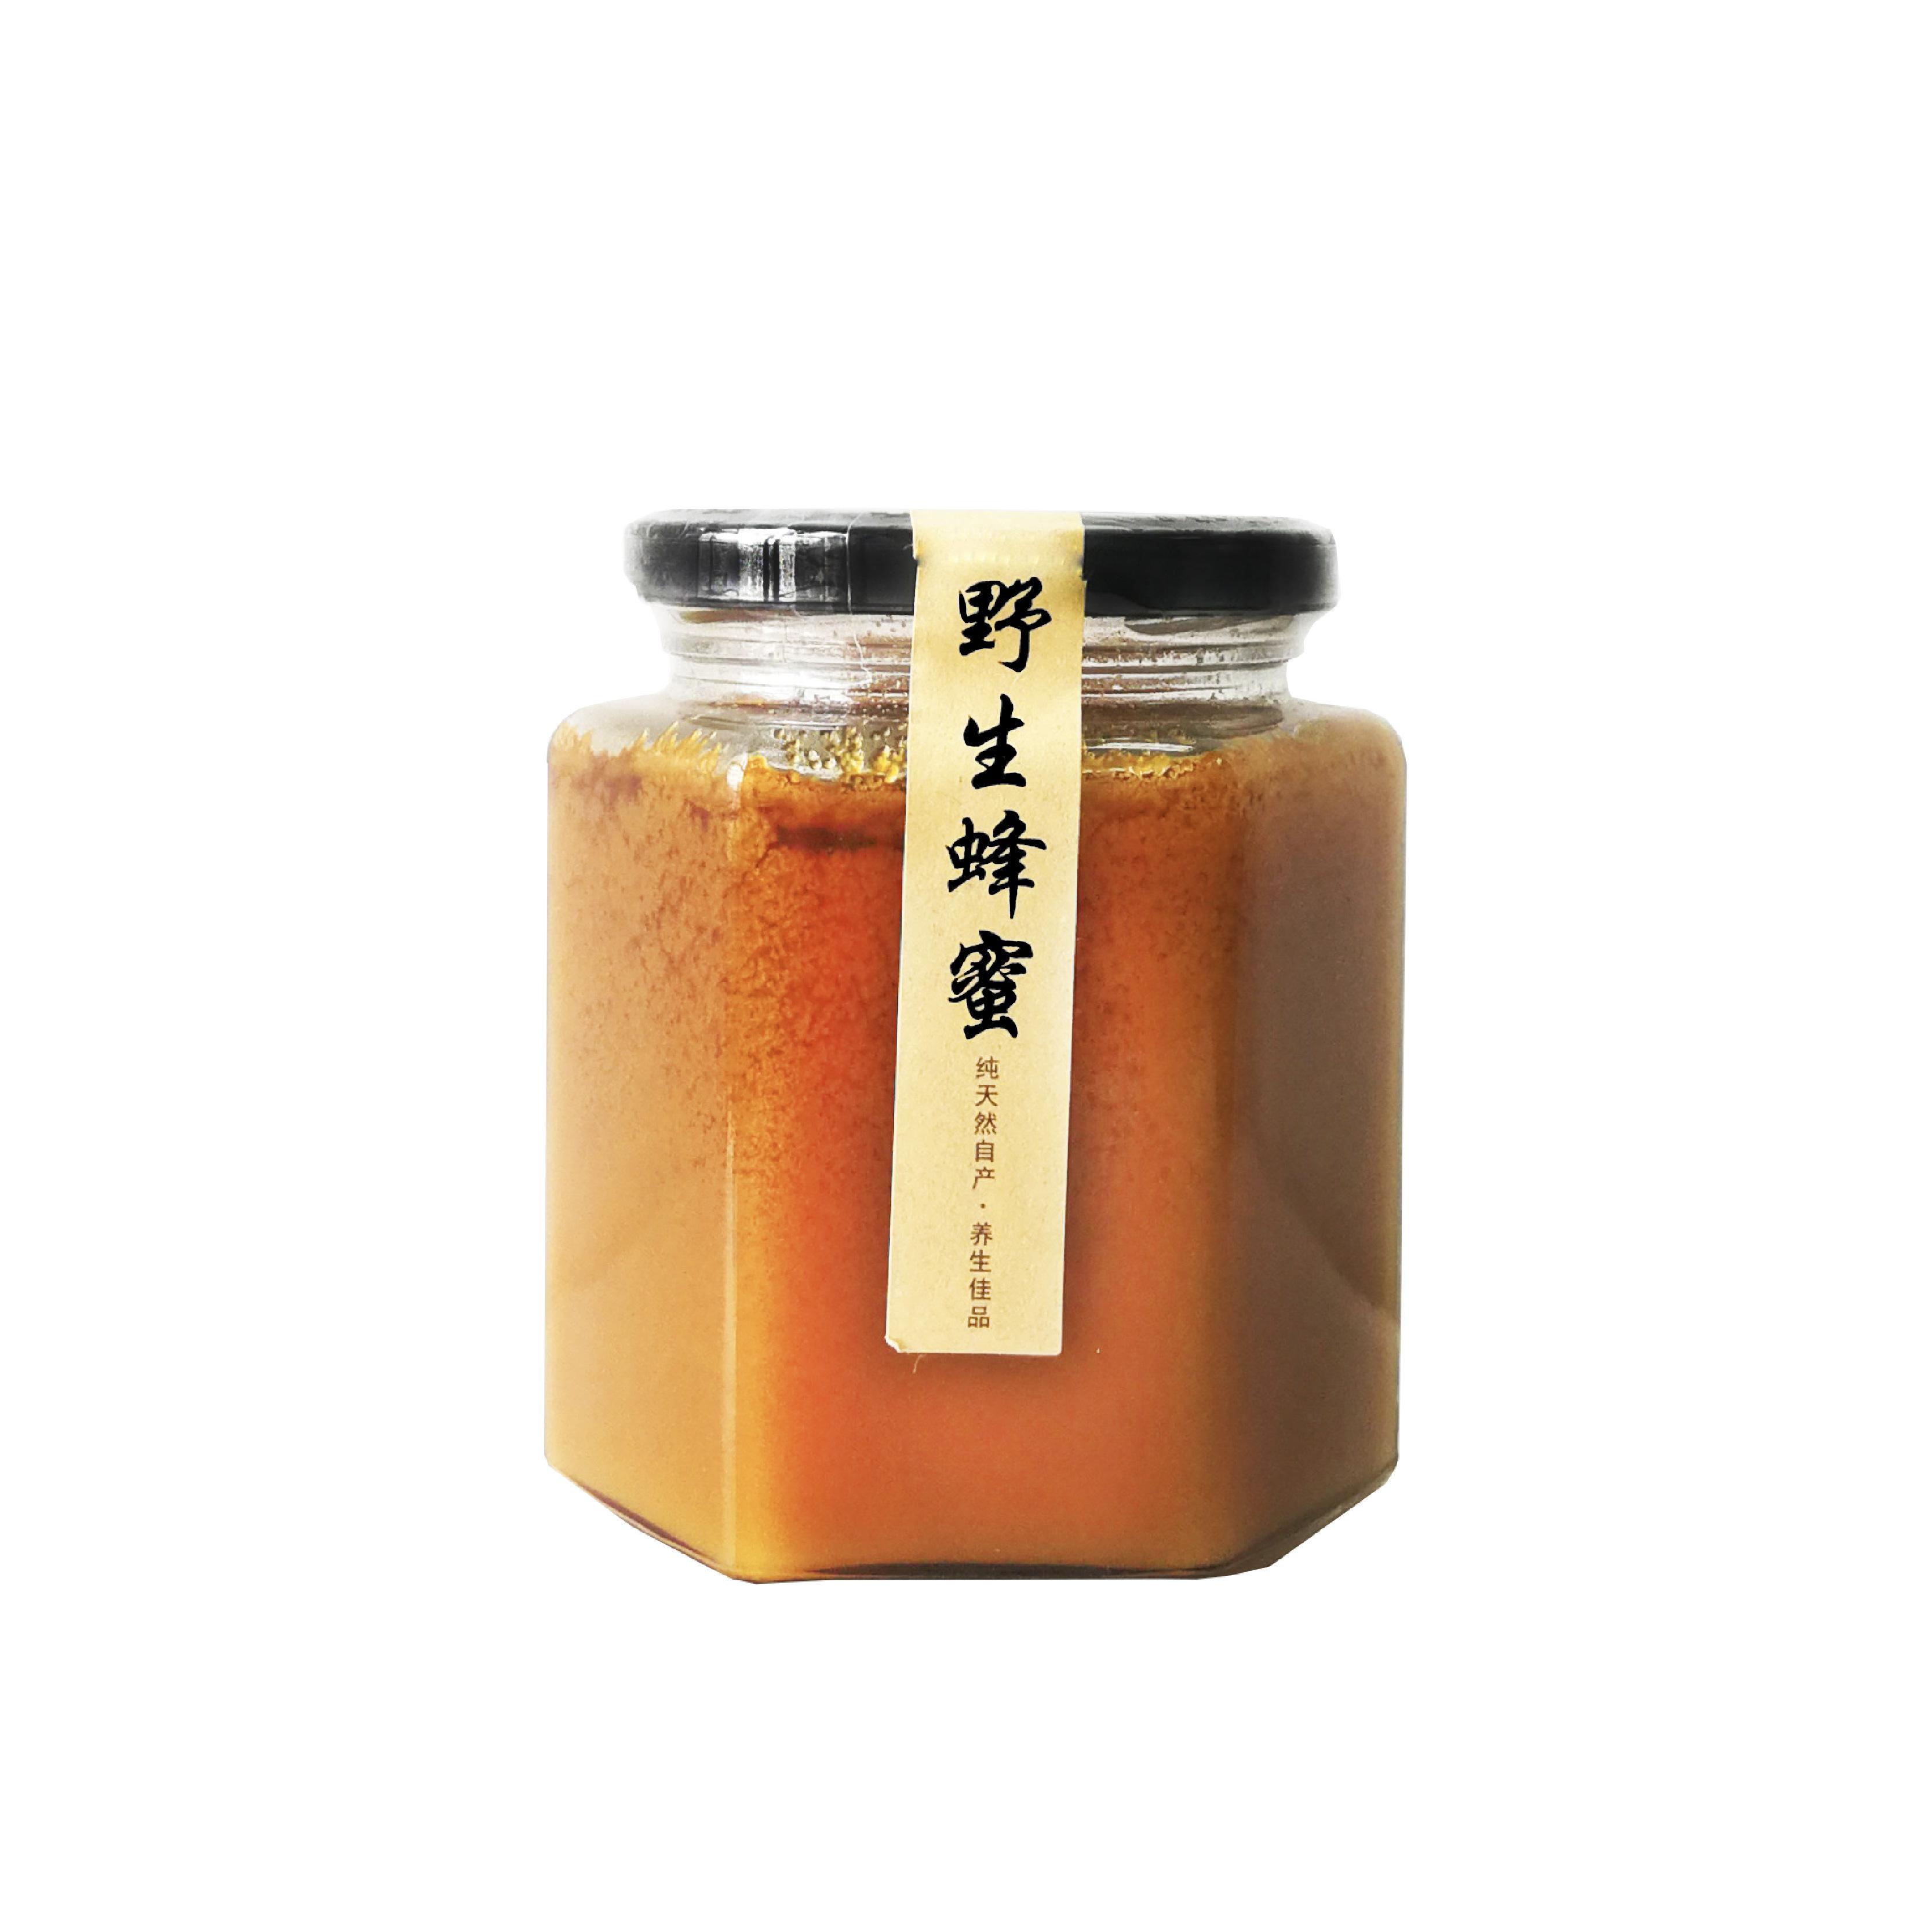 云南季野生百花蜂蜜 500g/罐